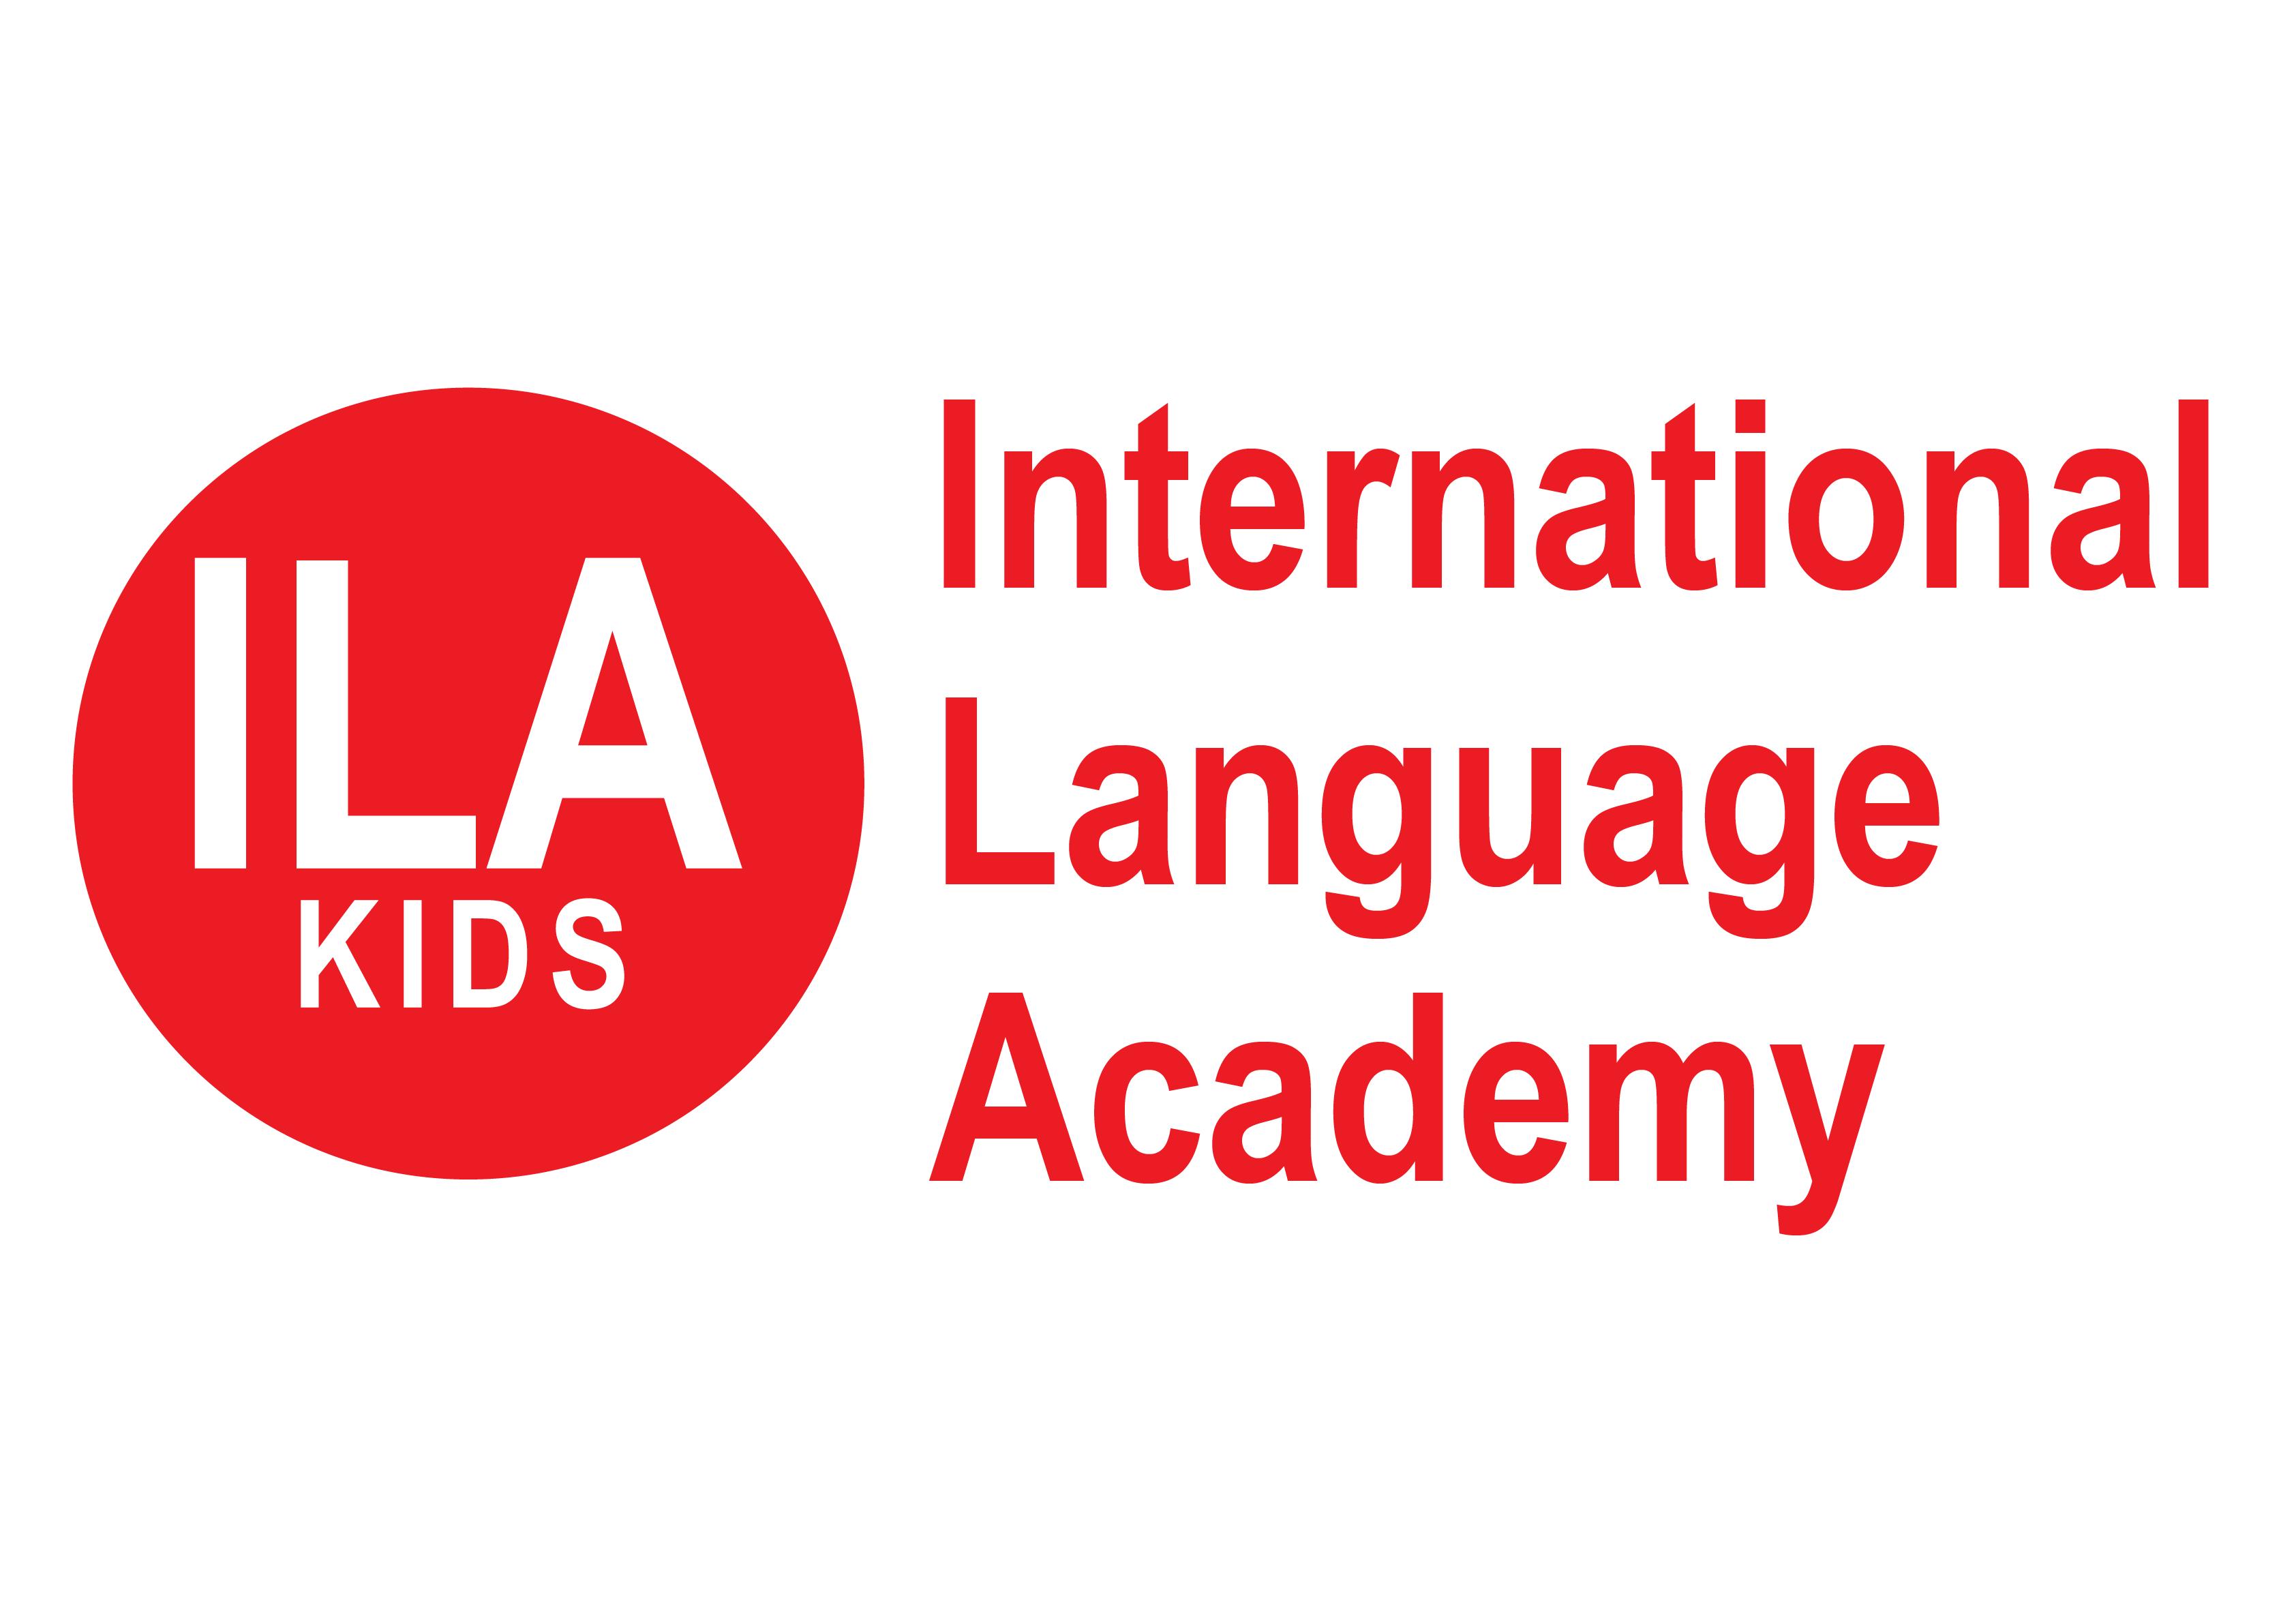 ILA KIDS